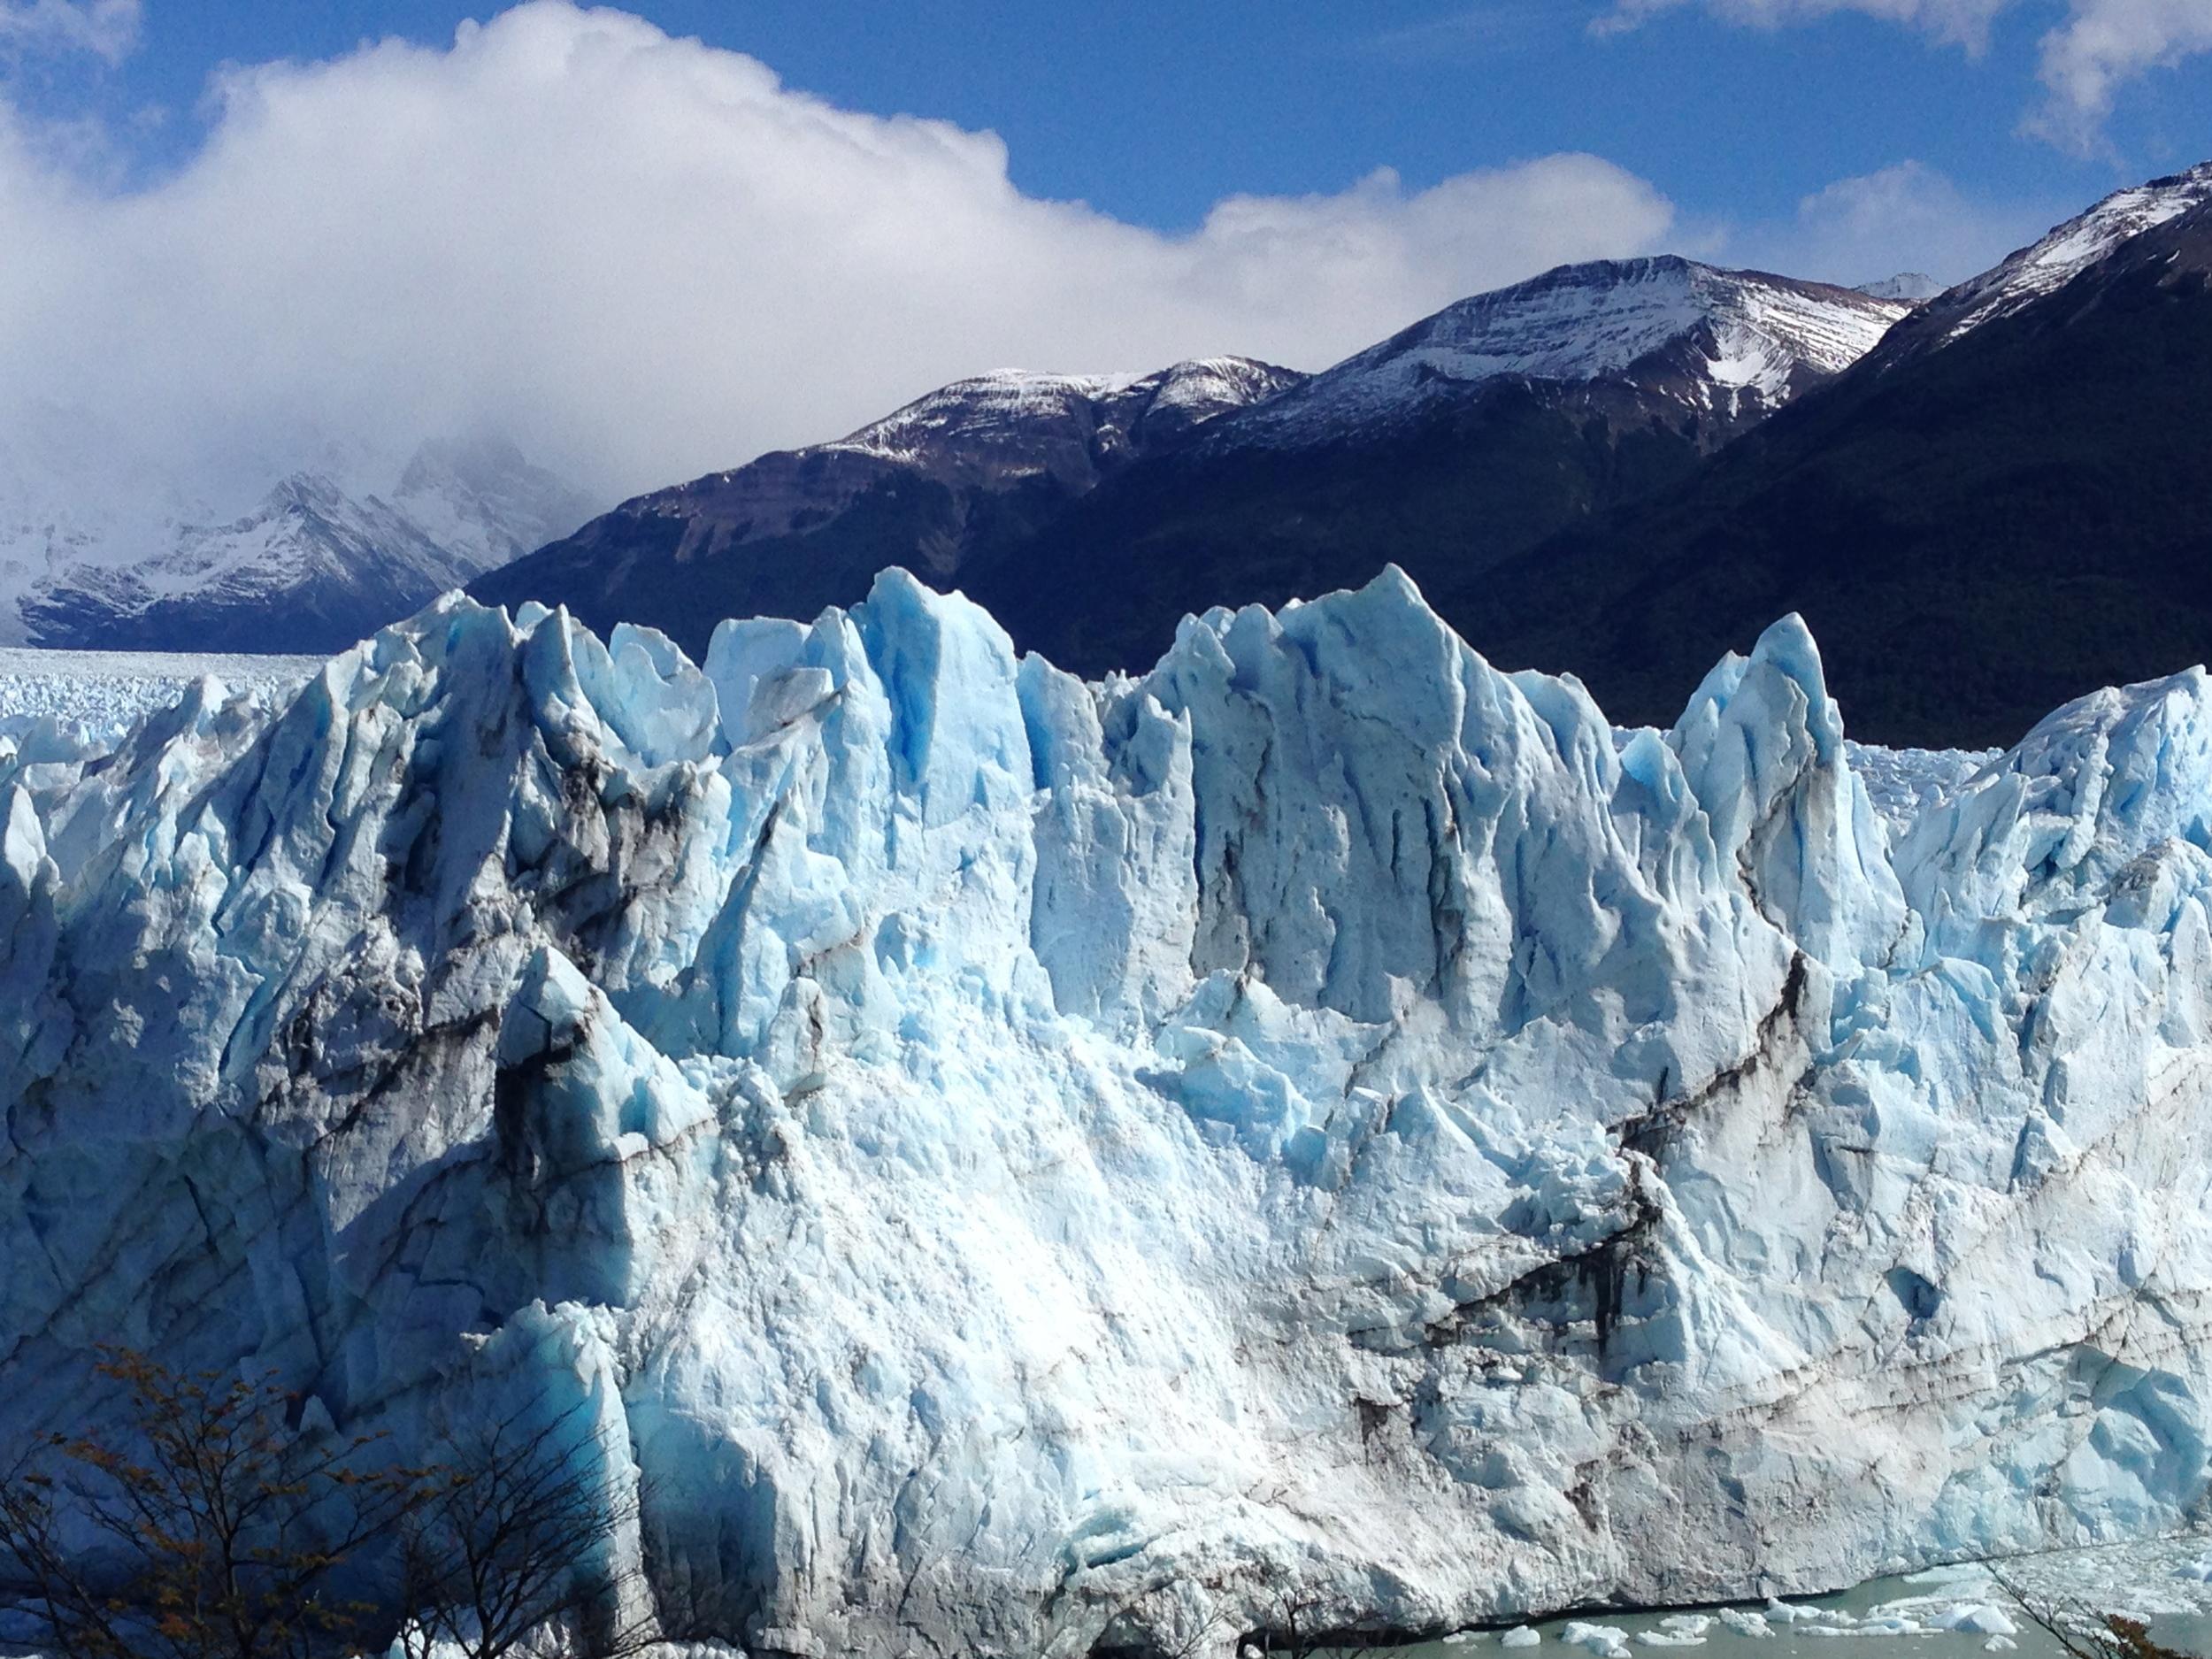 Perito Moreno glacier, Argentina, 2014